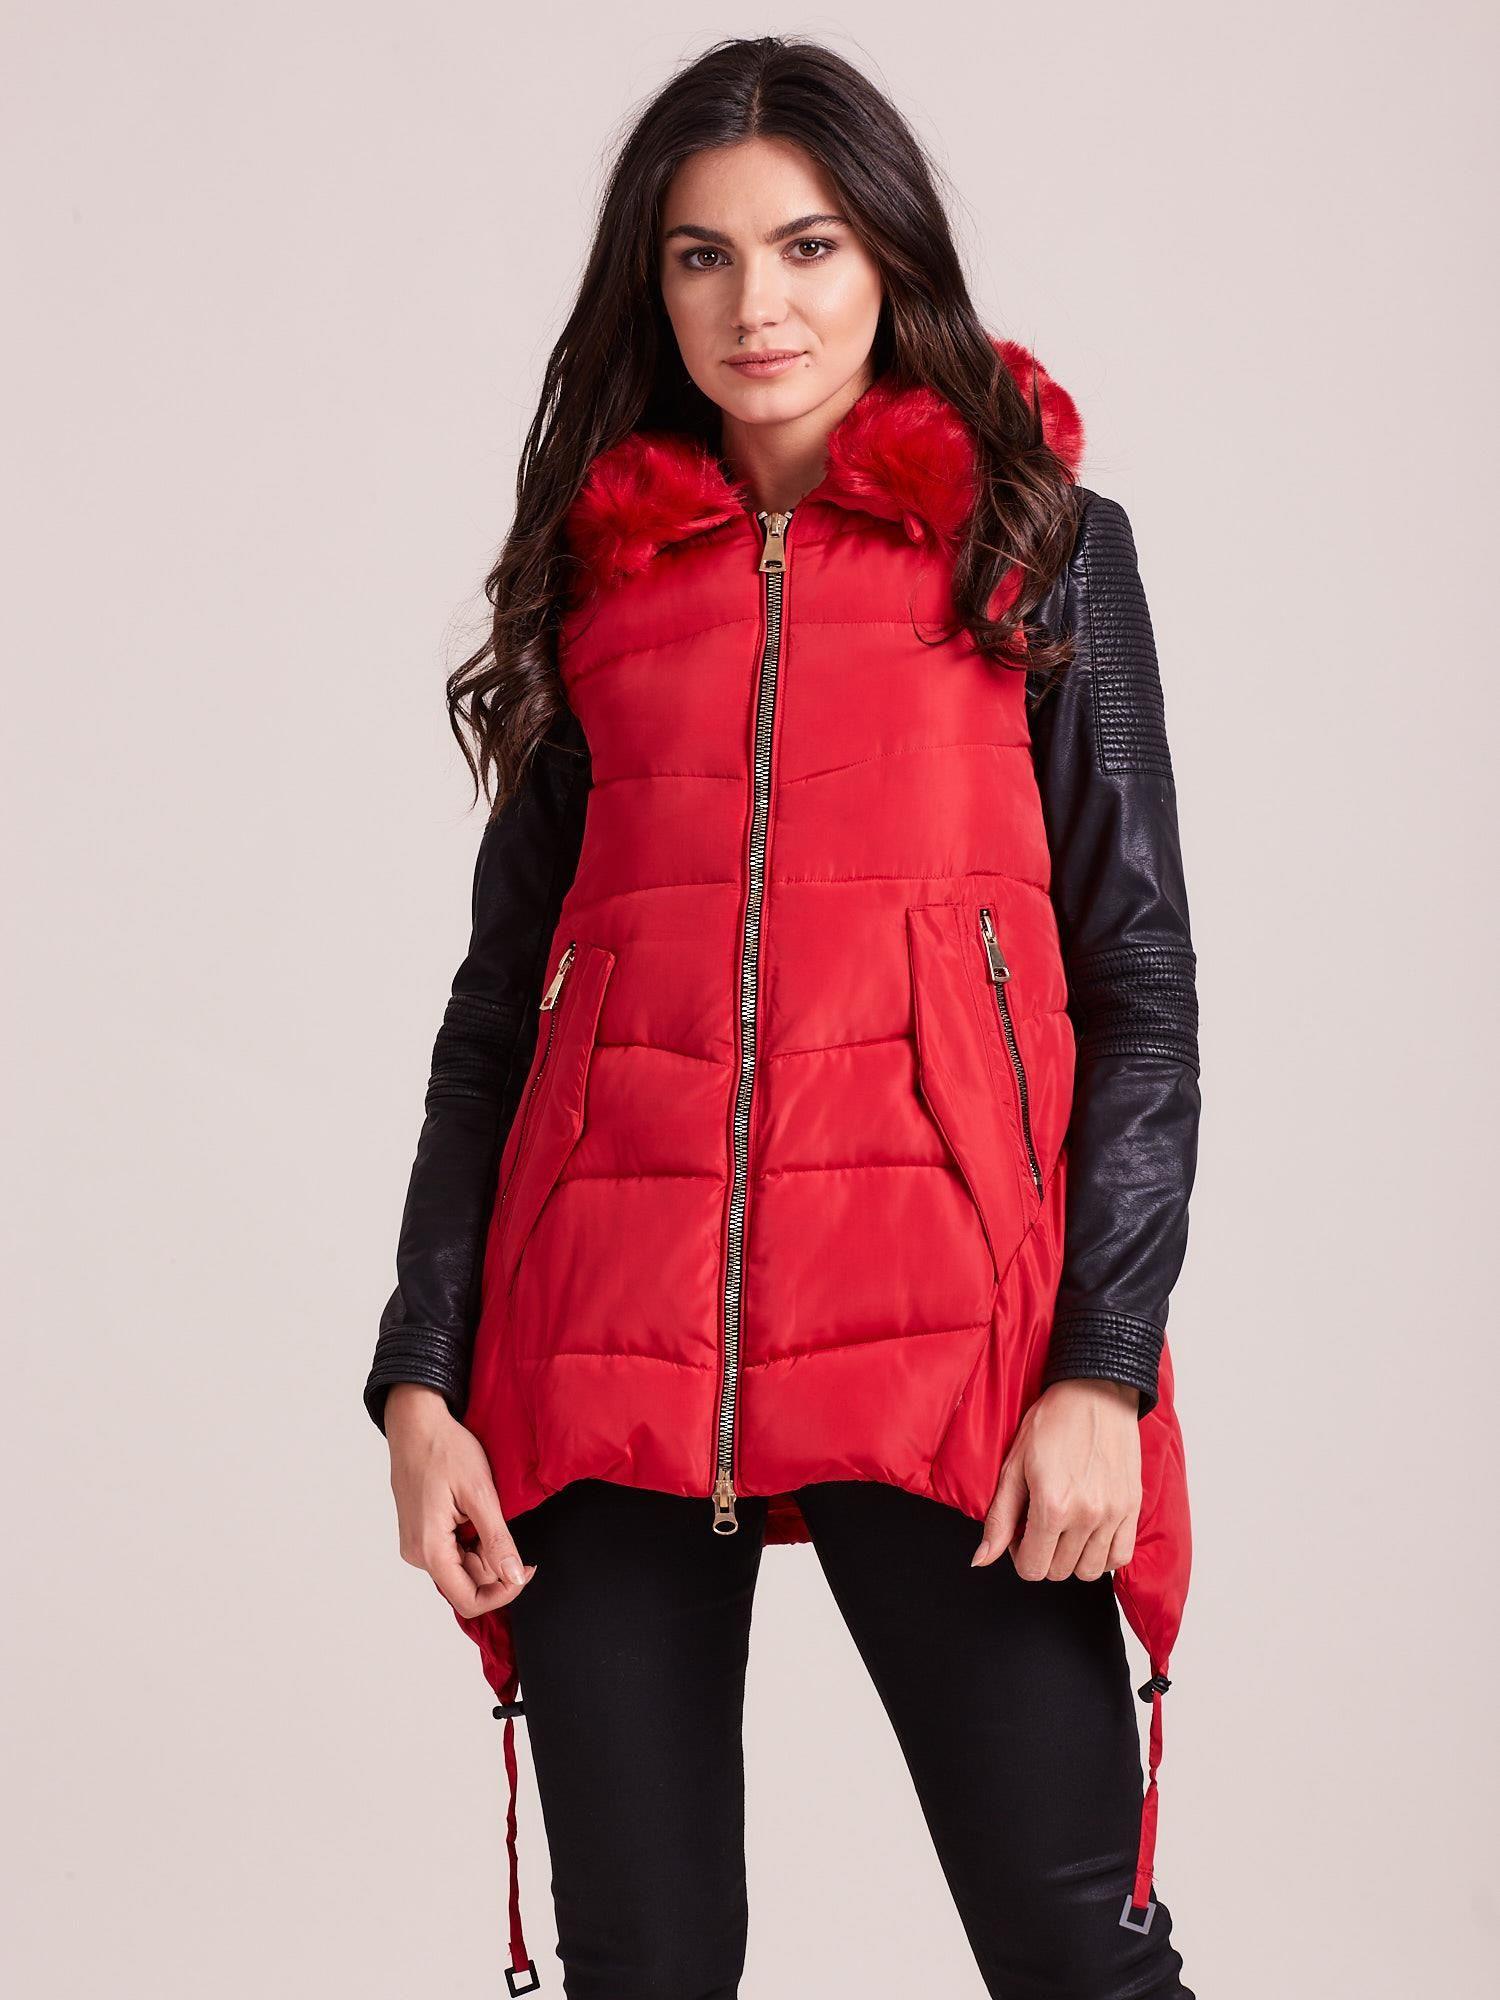 Dámska červená zimná vesta S